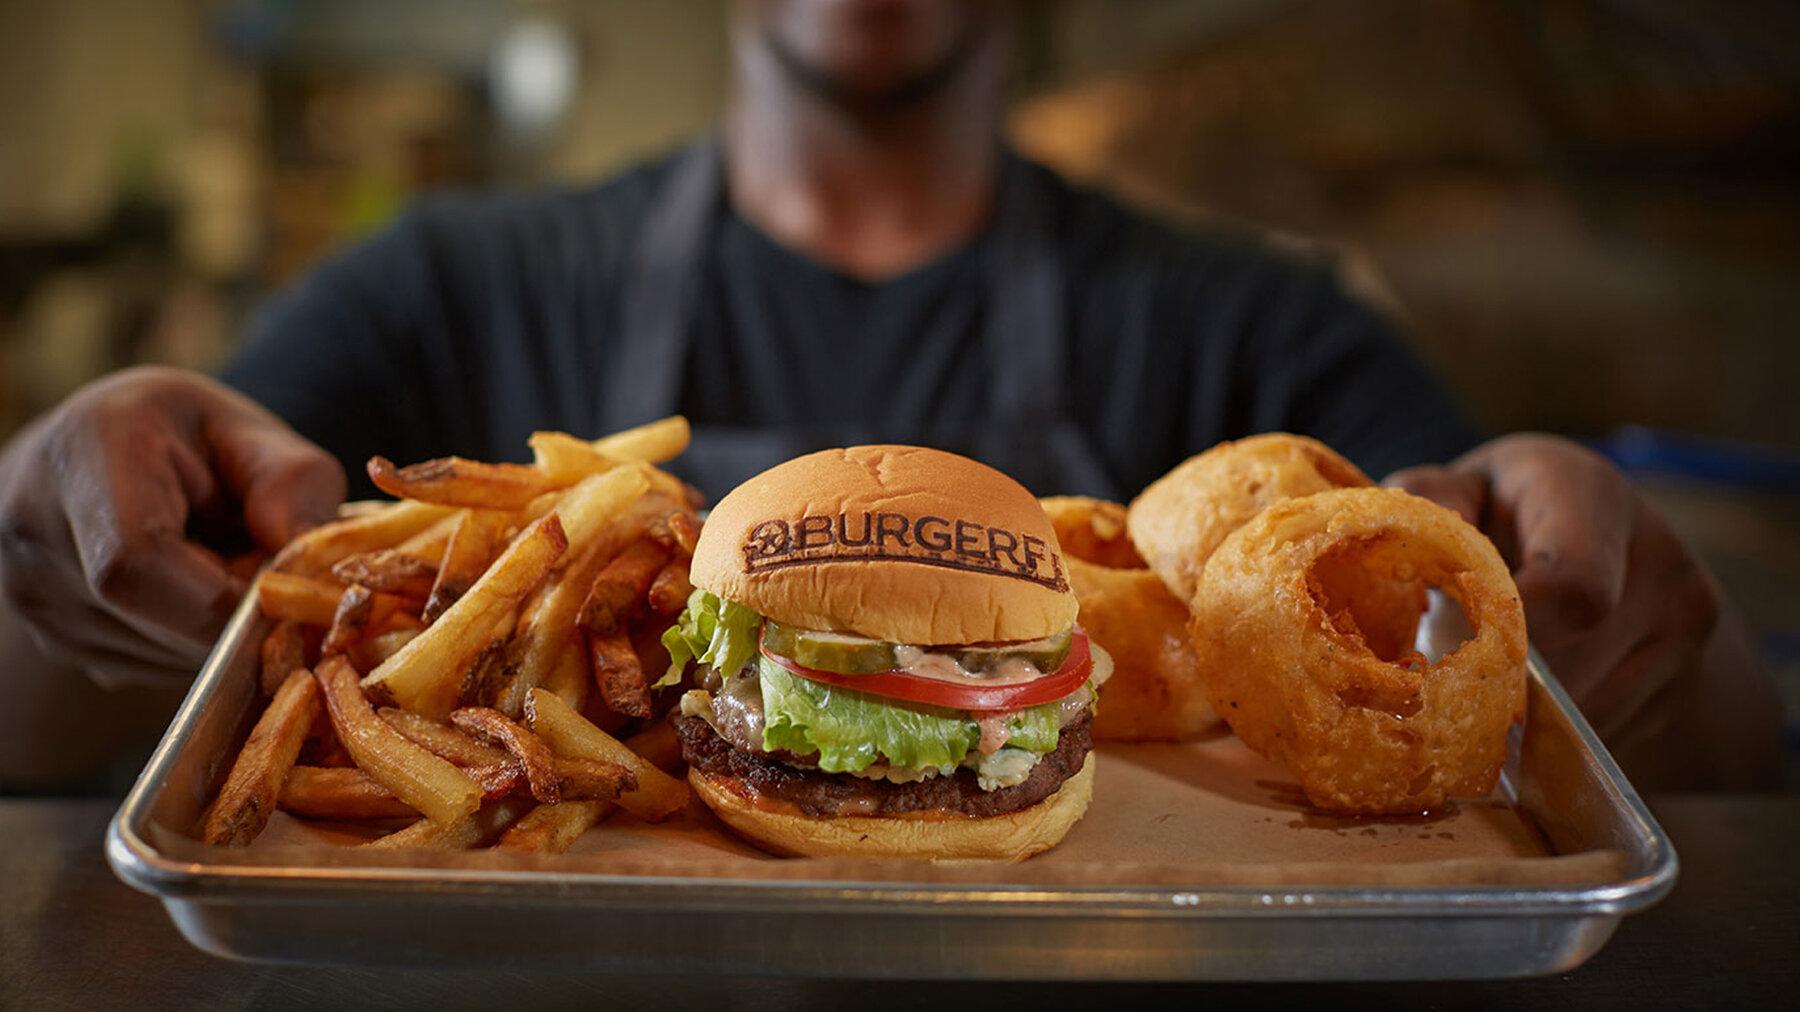 Burgerfi background image 7